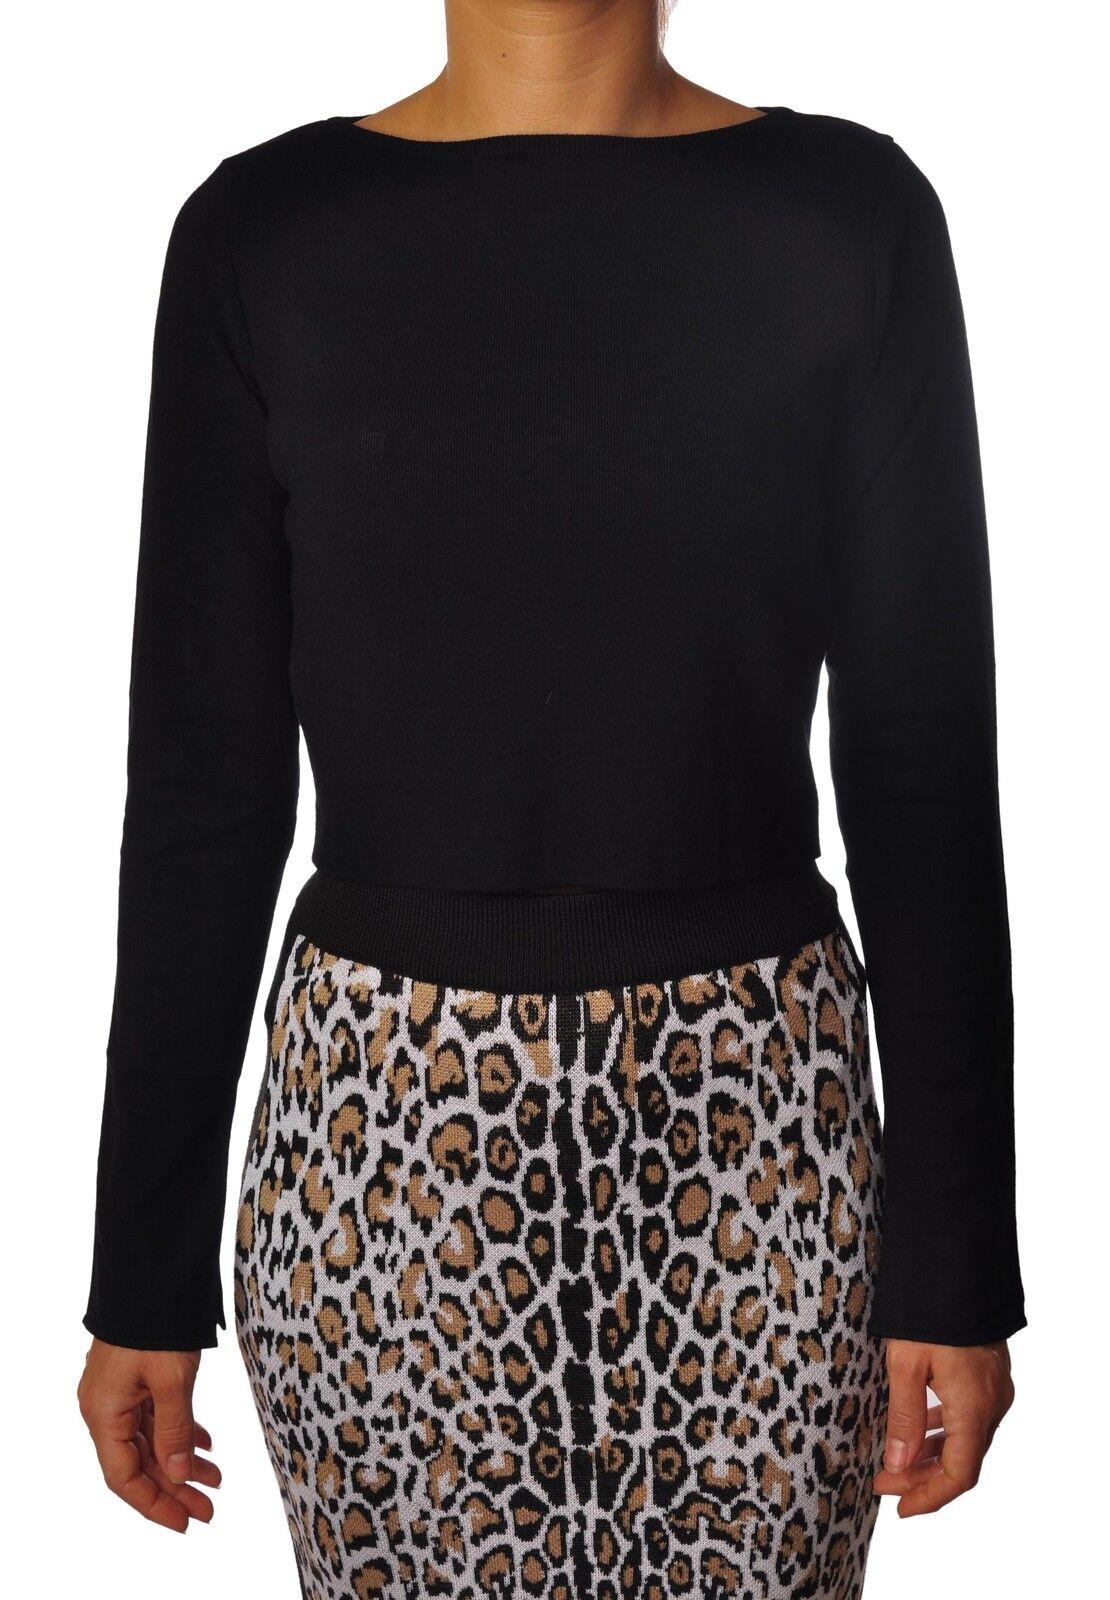 USED JCrew J Crew XL Sweater Uomo's arancia Tangerine Cashmere Sweater XL 9a348c